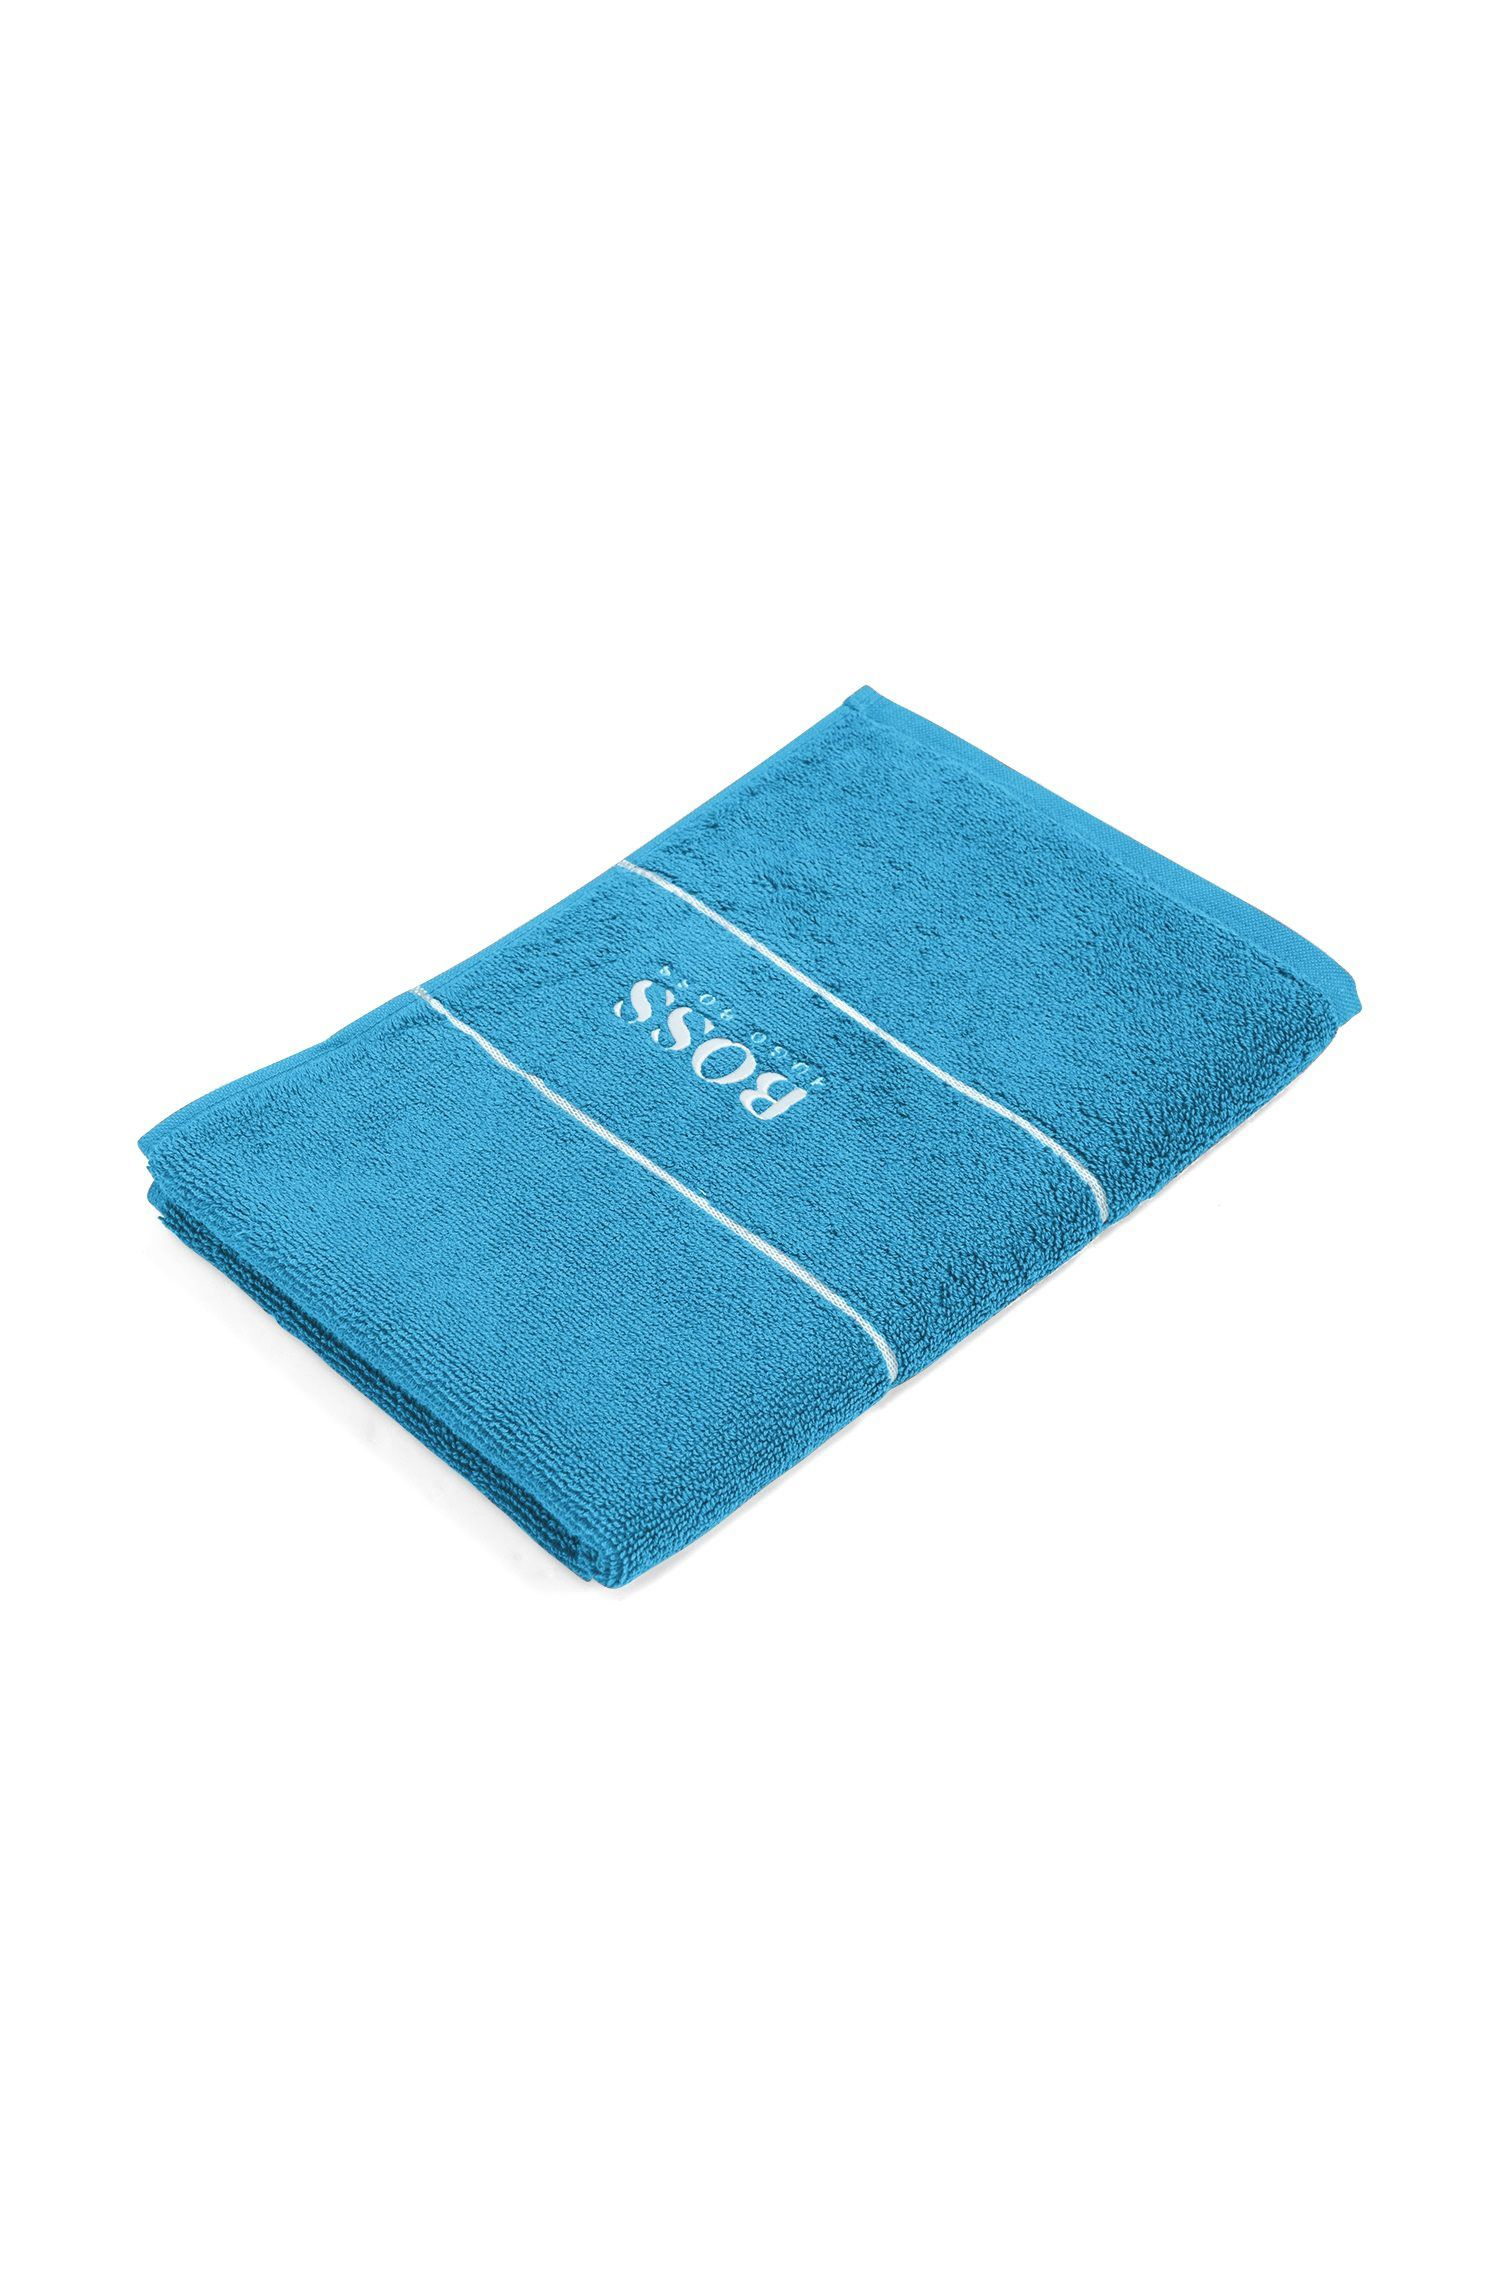 Serviette de toilette pour invité en coton égyptien des plus raffinés avec bordure logo, Bleu